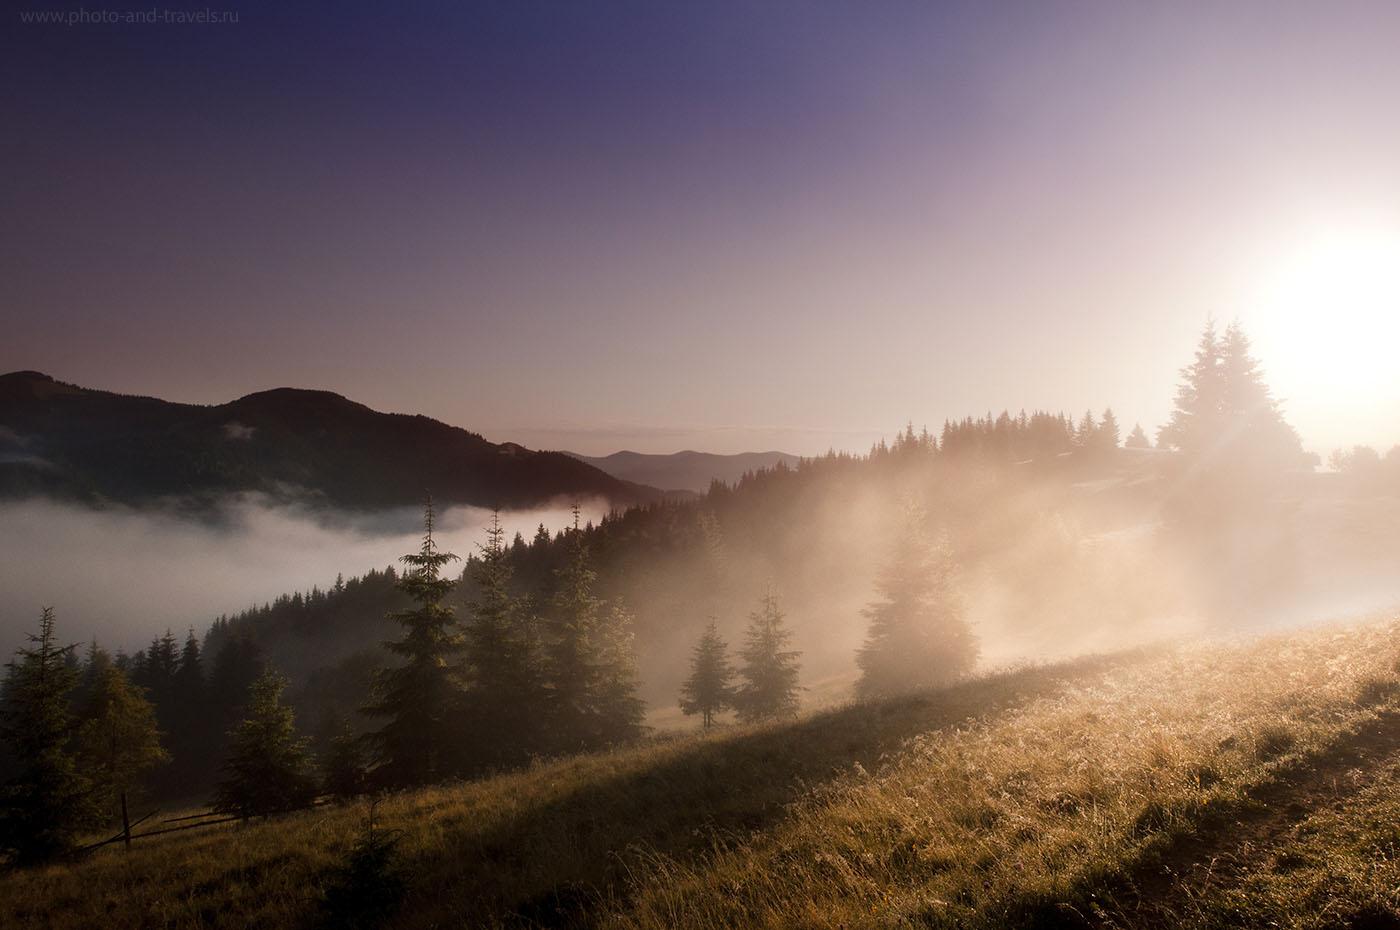 26. Рассвет в горах (1/1000, -0.67, f/10, 14, 200)